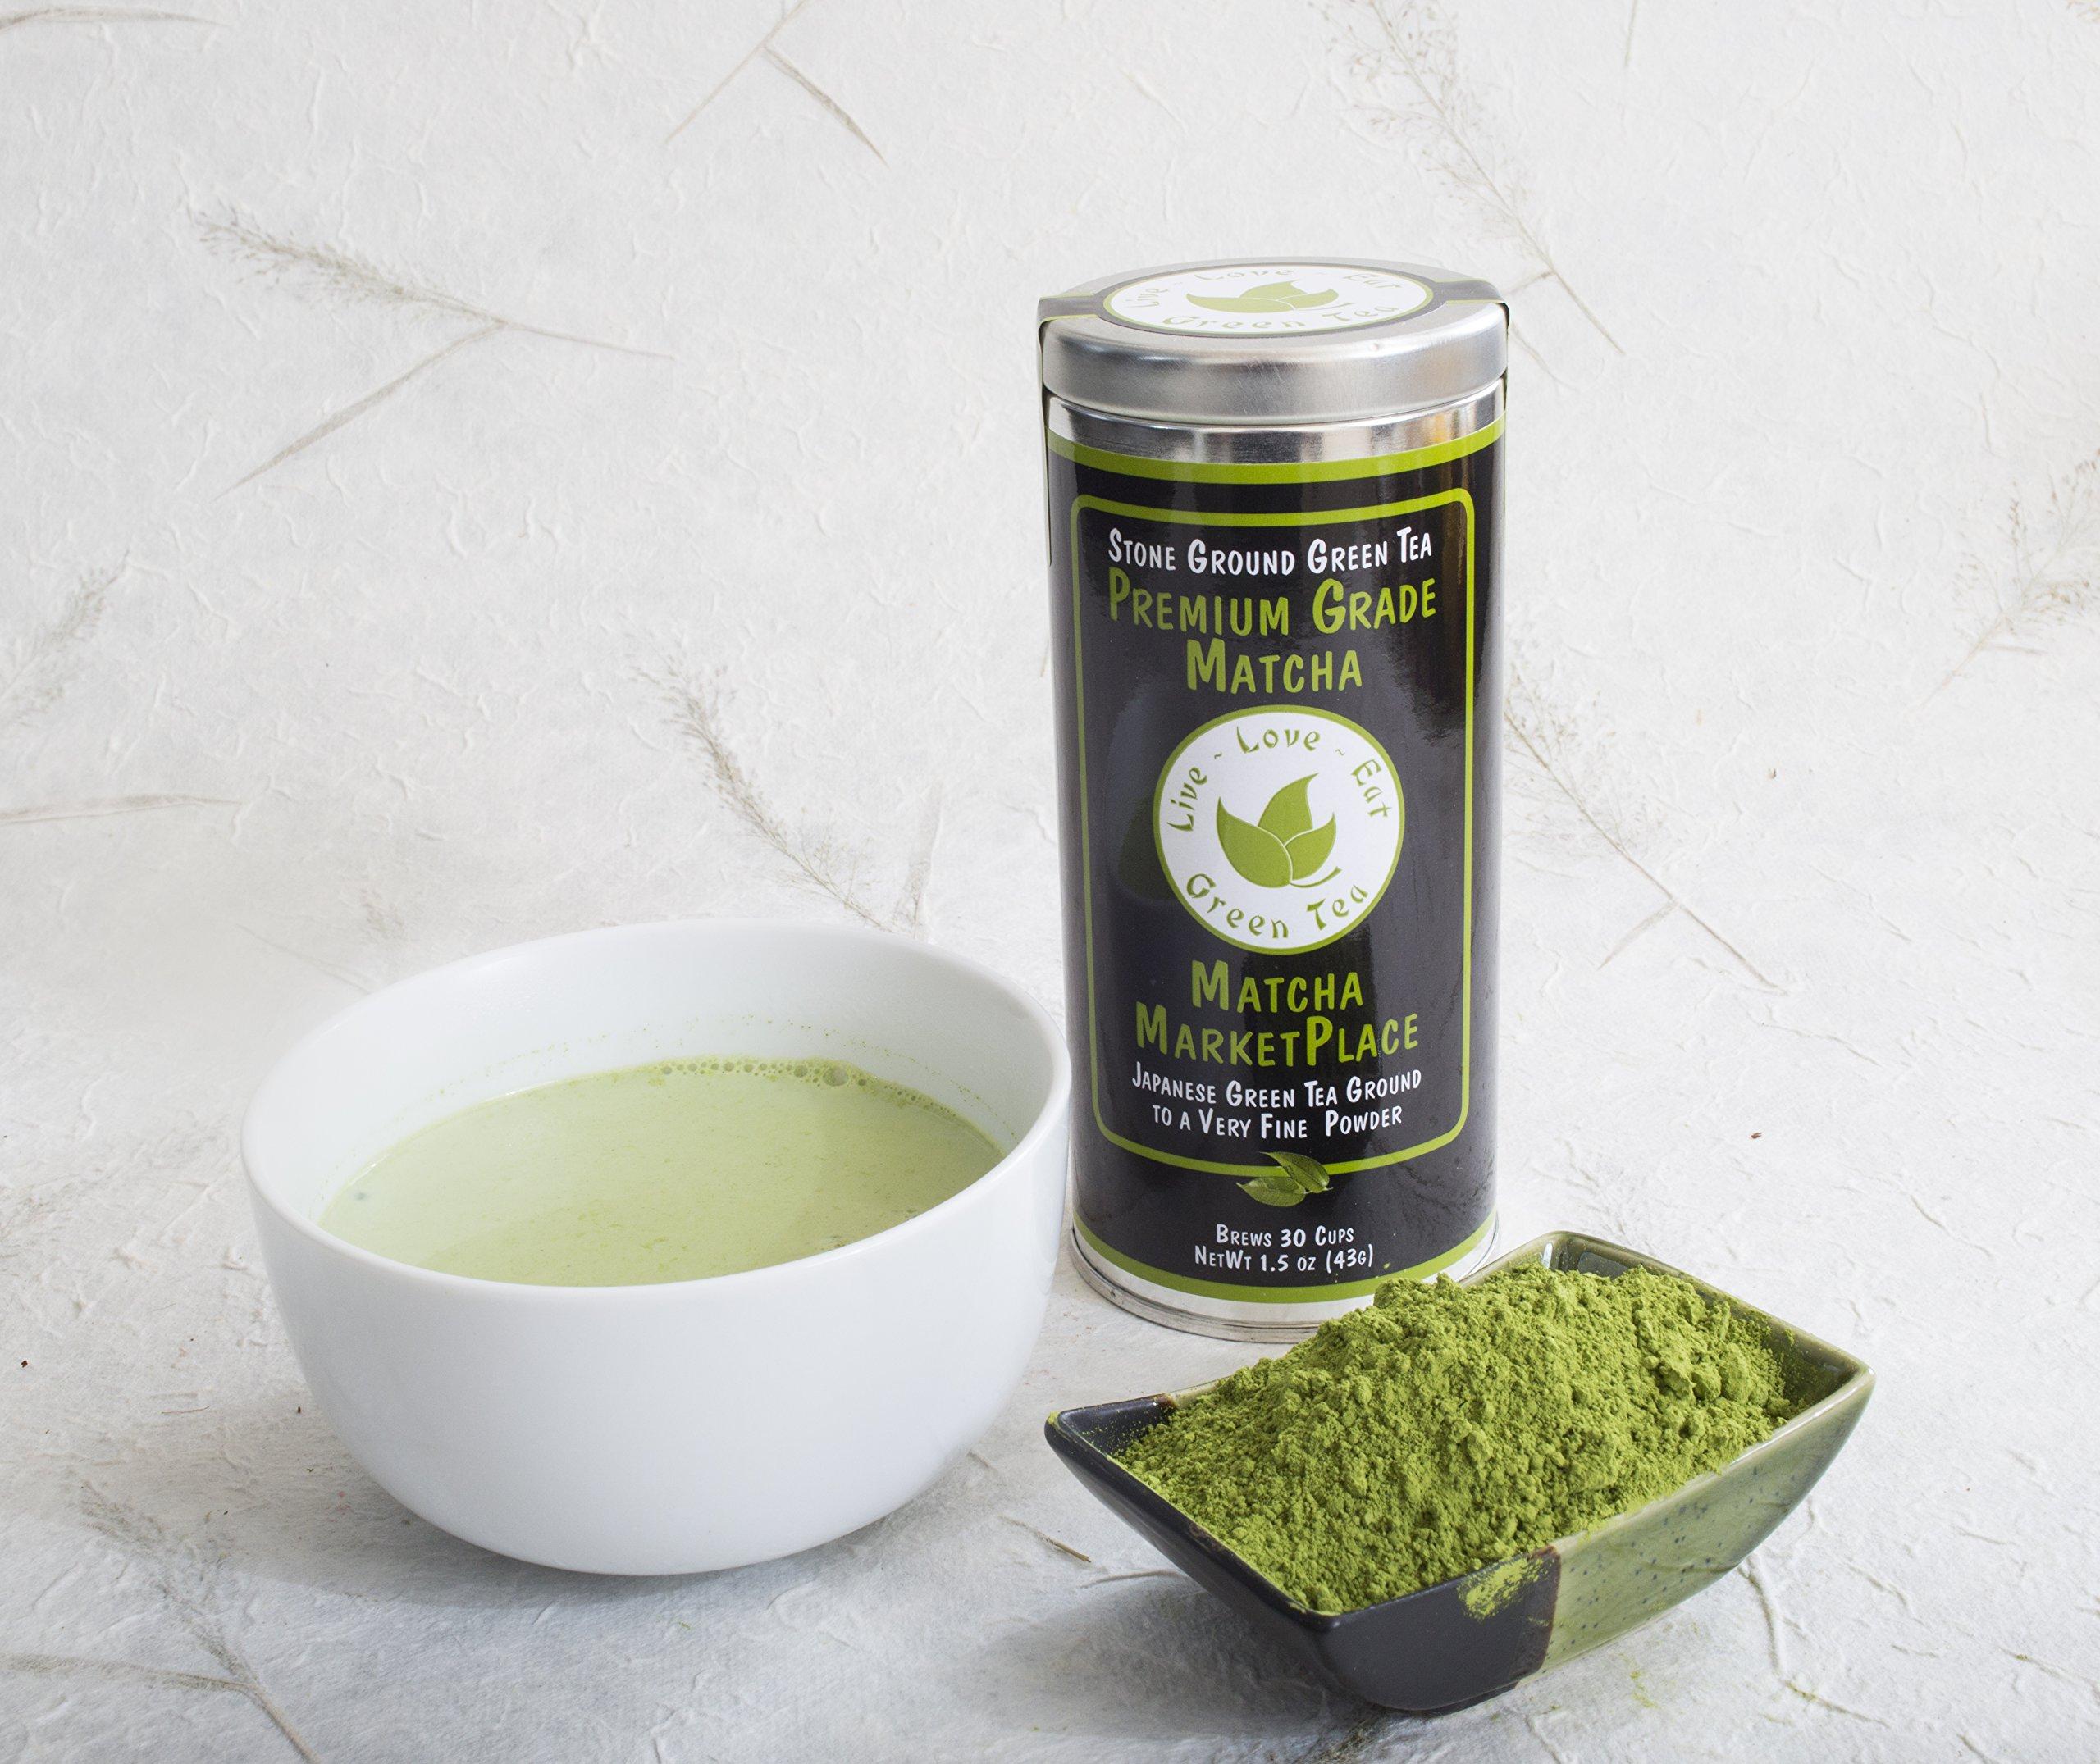 100% Pure Premium Grade Matcha Green Tea Powder, 1.5 Ounce, 30 Cups by Matcha Marketplace by Matcha MarketPlace